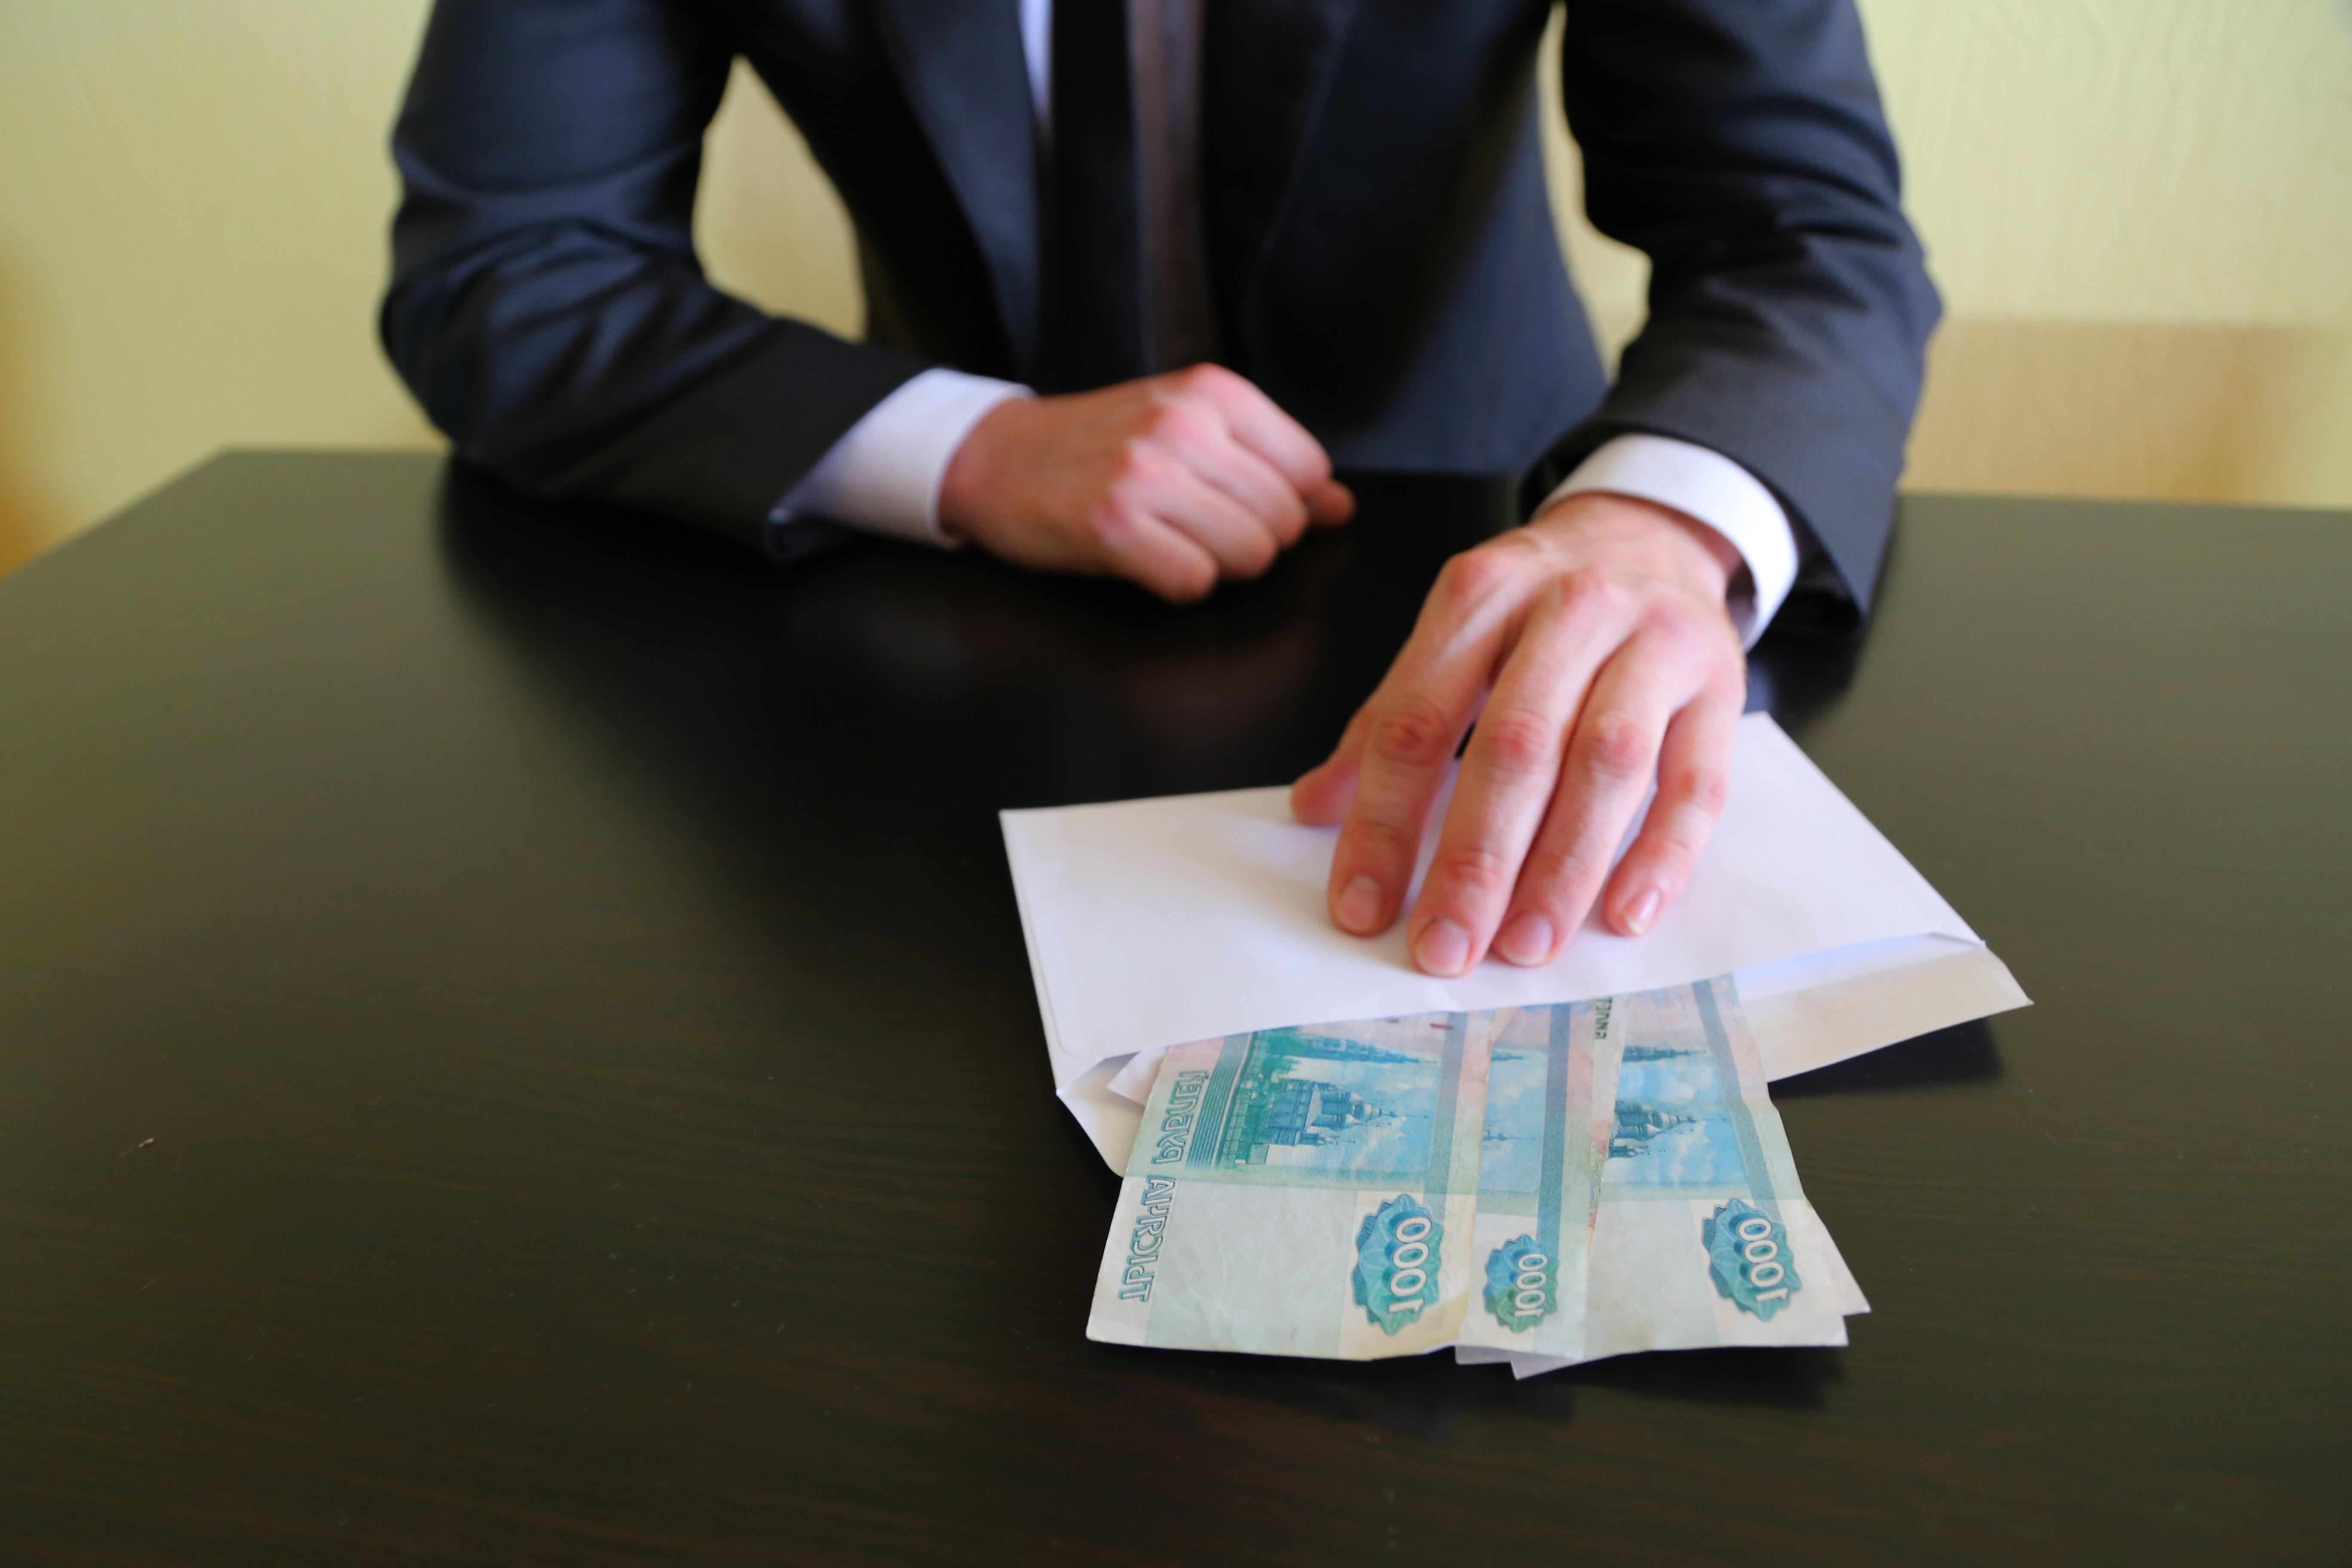 Следователь предложил черниговцу закрыть дело за 7,5 тыс. грн.